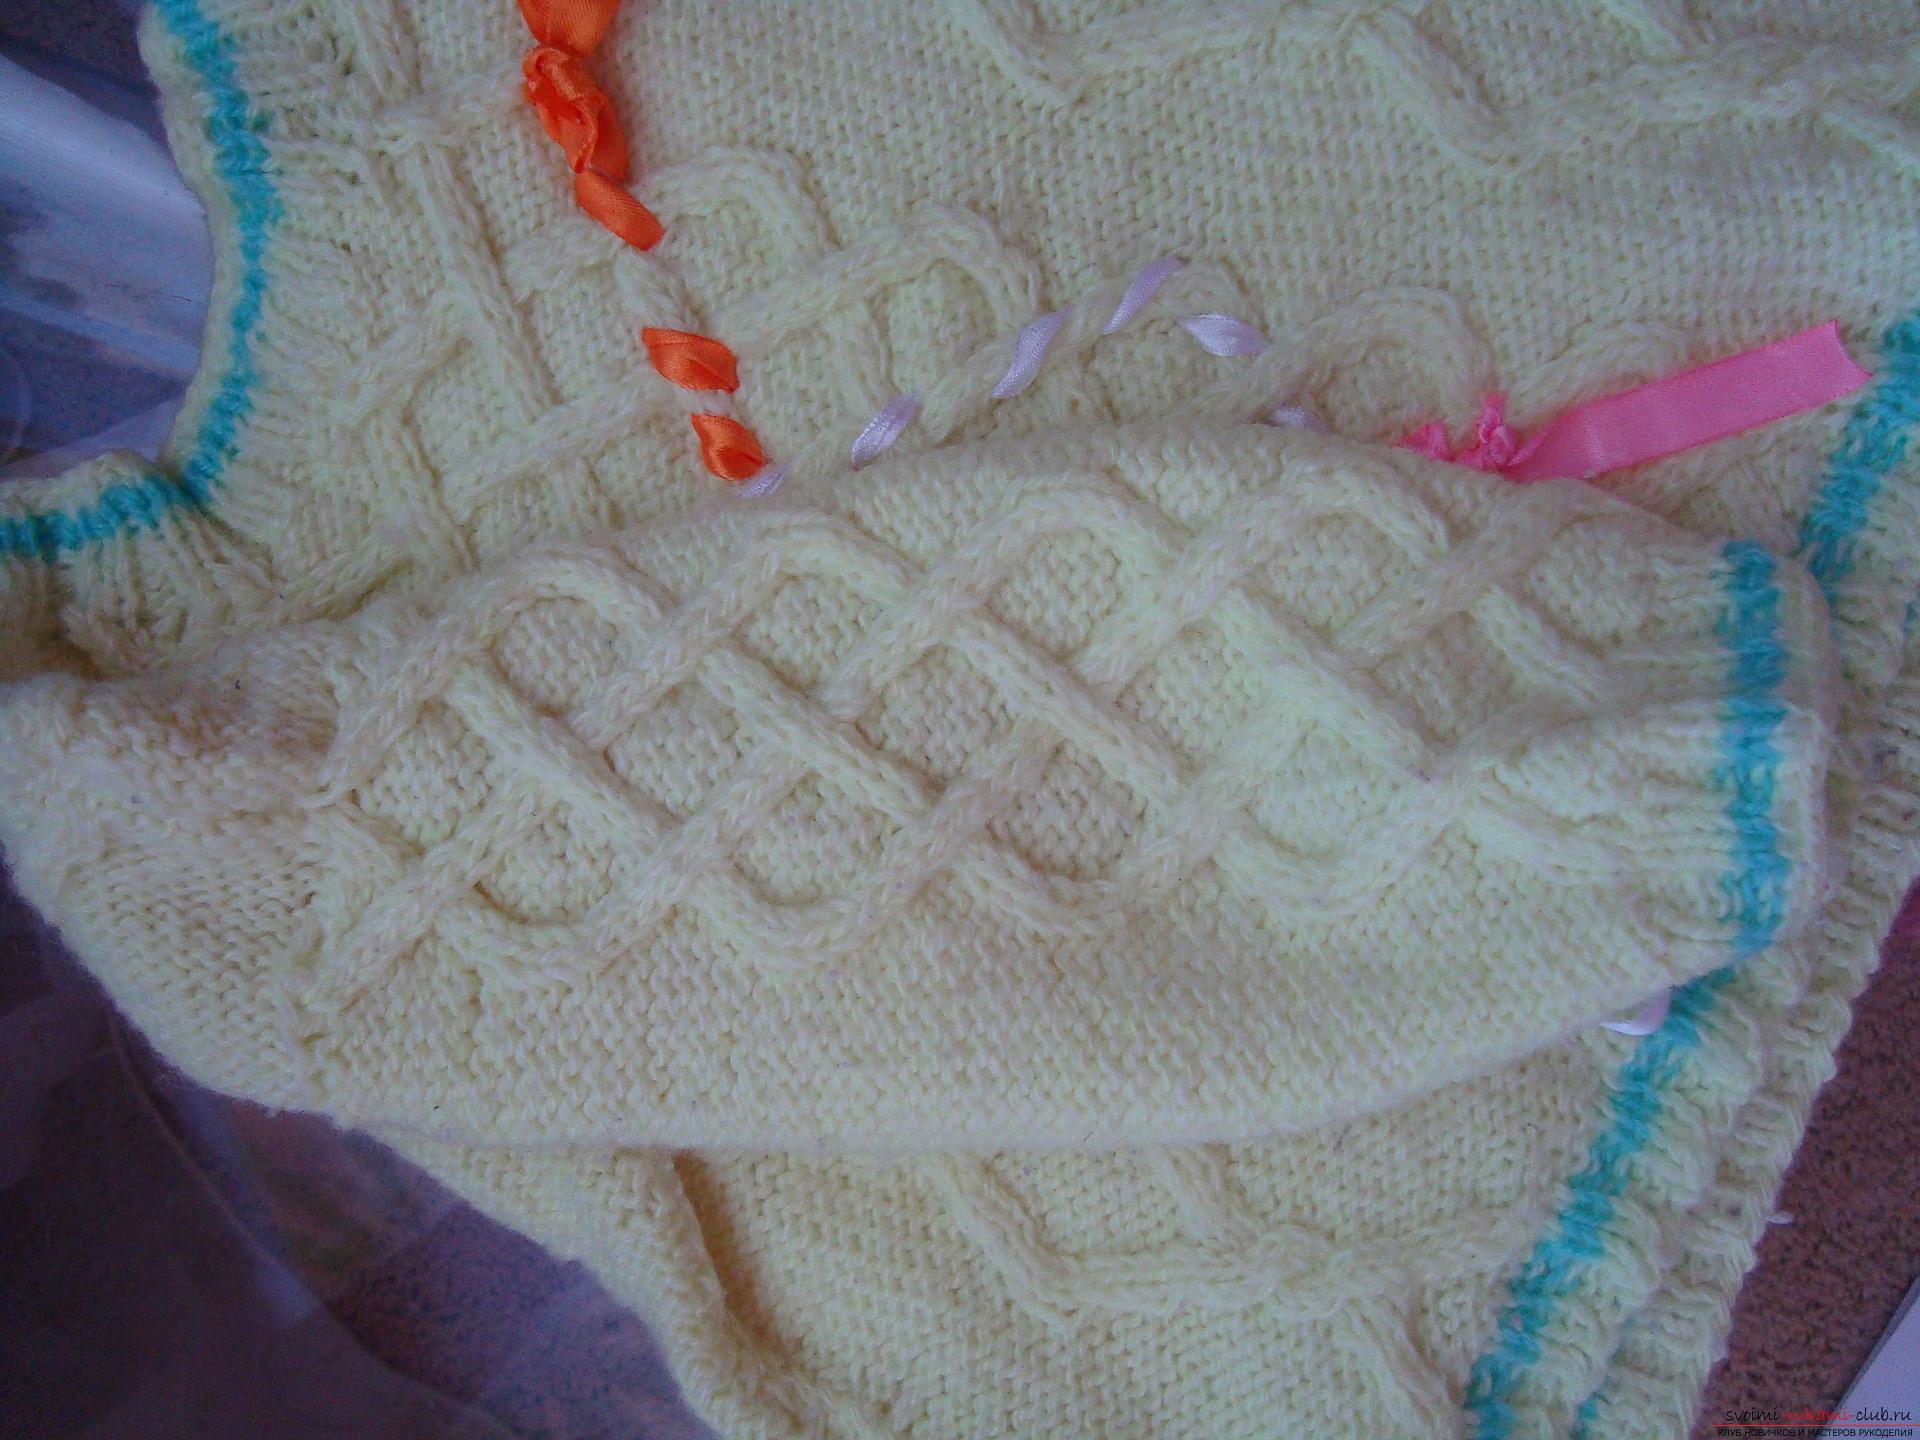 Пошаговая фото-инструкция по вязанию детского свитера на спицах. Фото №2